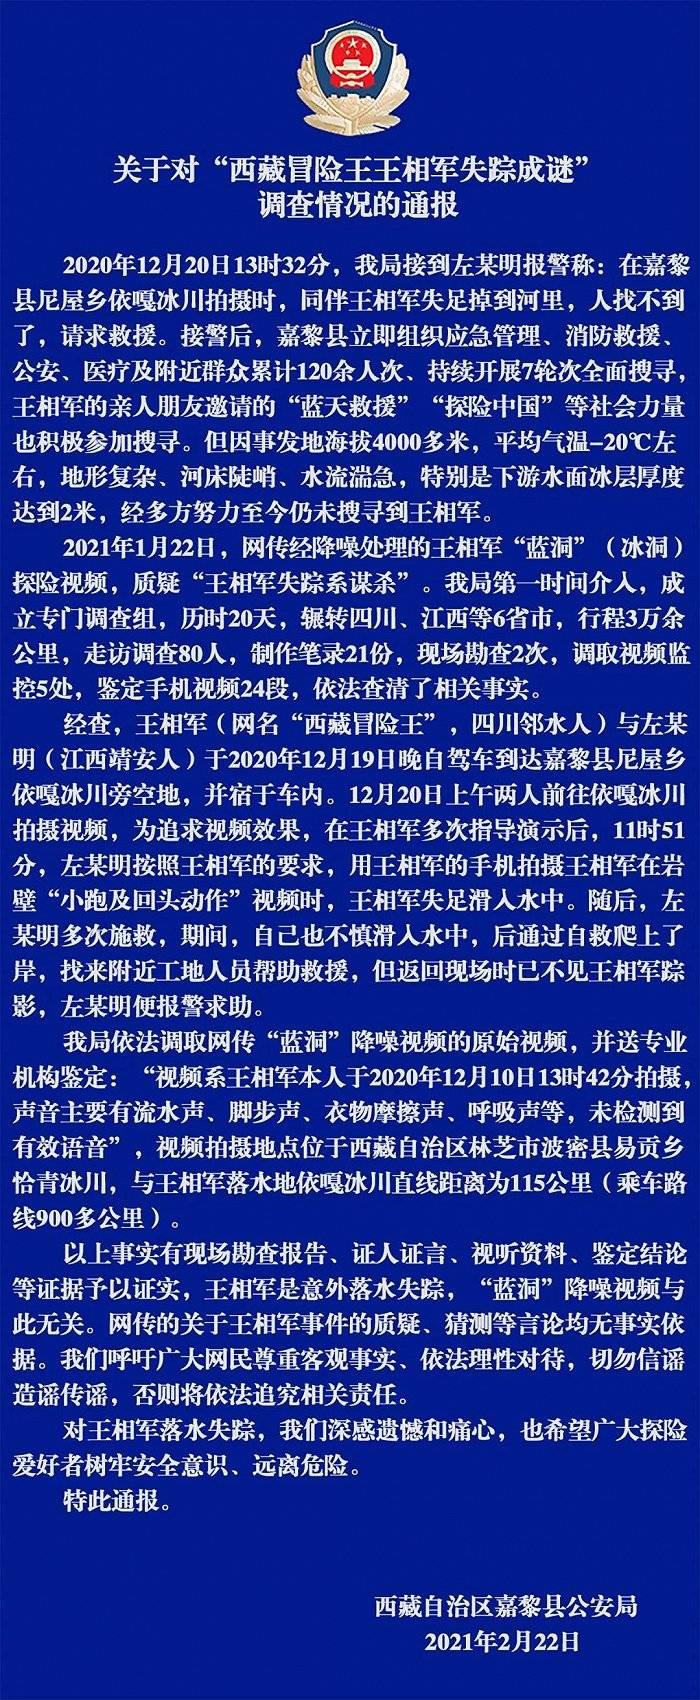 """警方通报""""西藏冒险王王相军失踪成谜""""调查情况:证实系意外落水"""